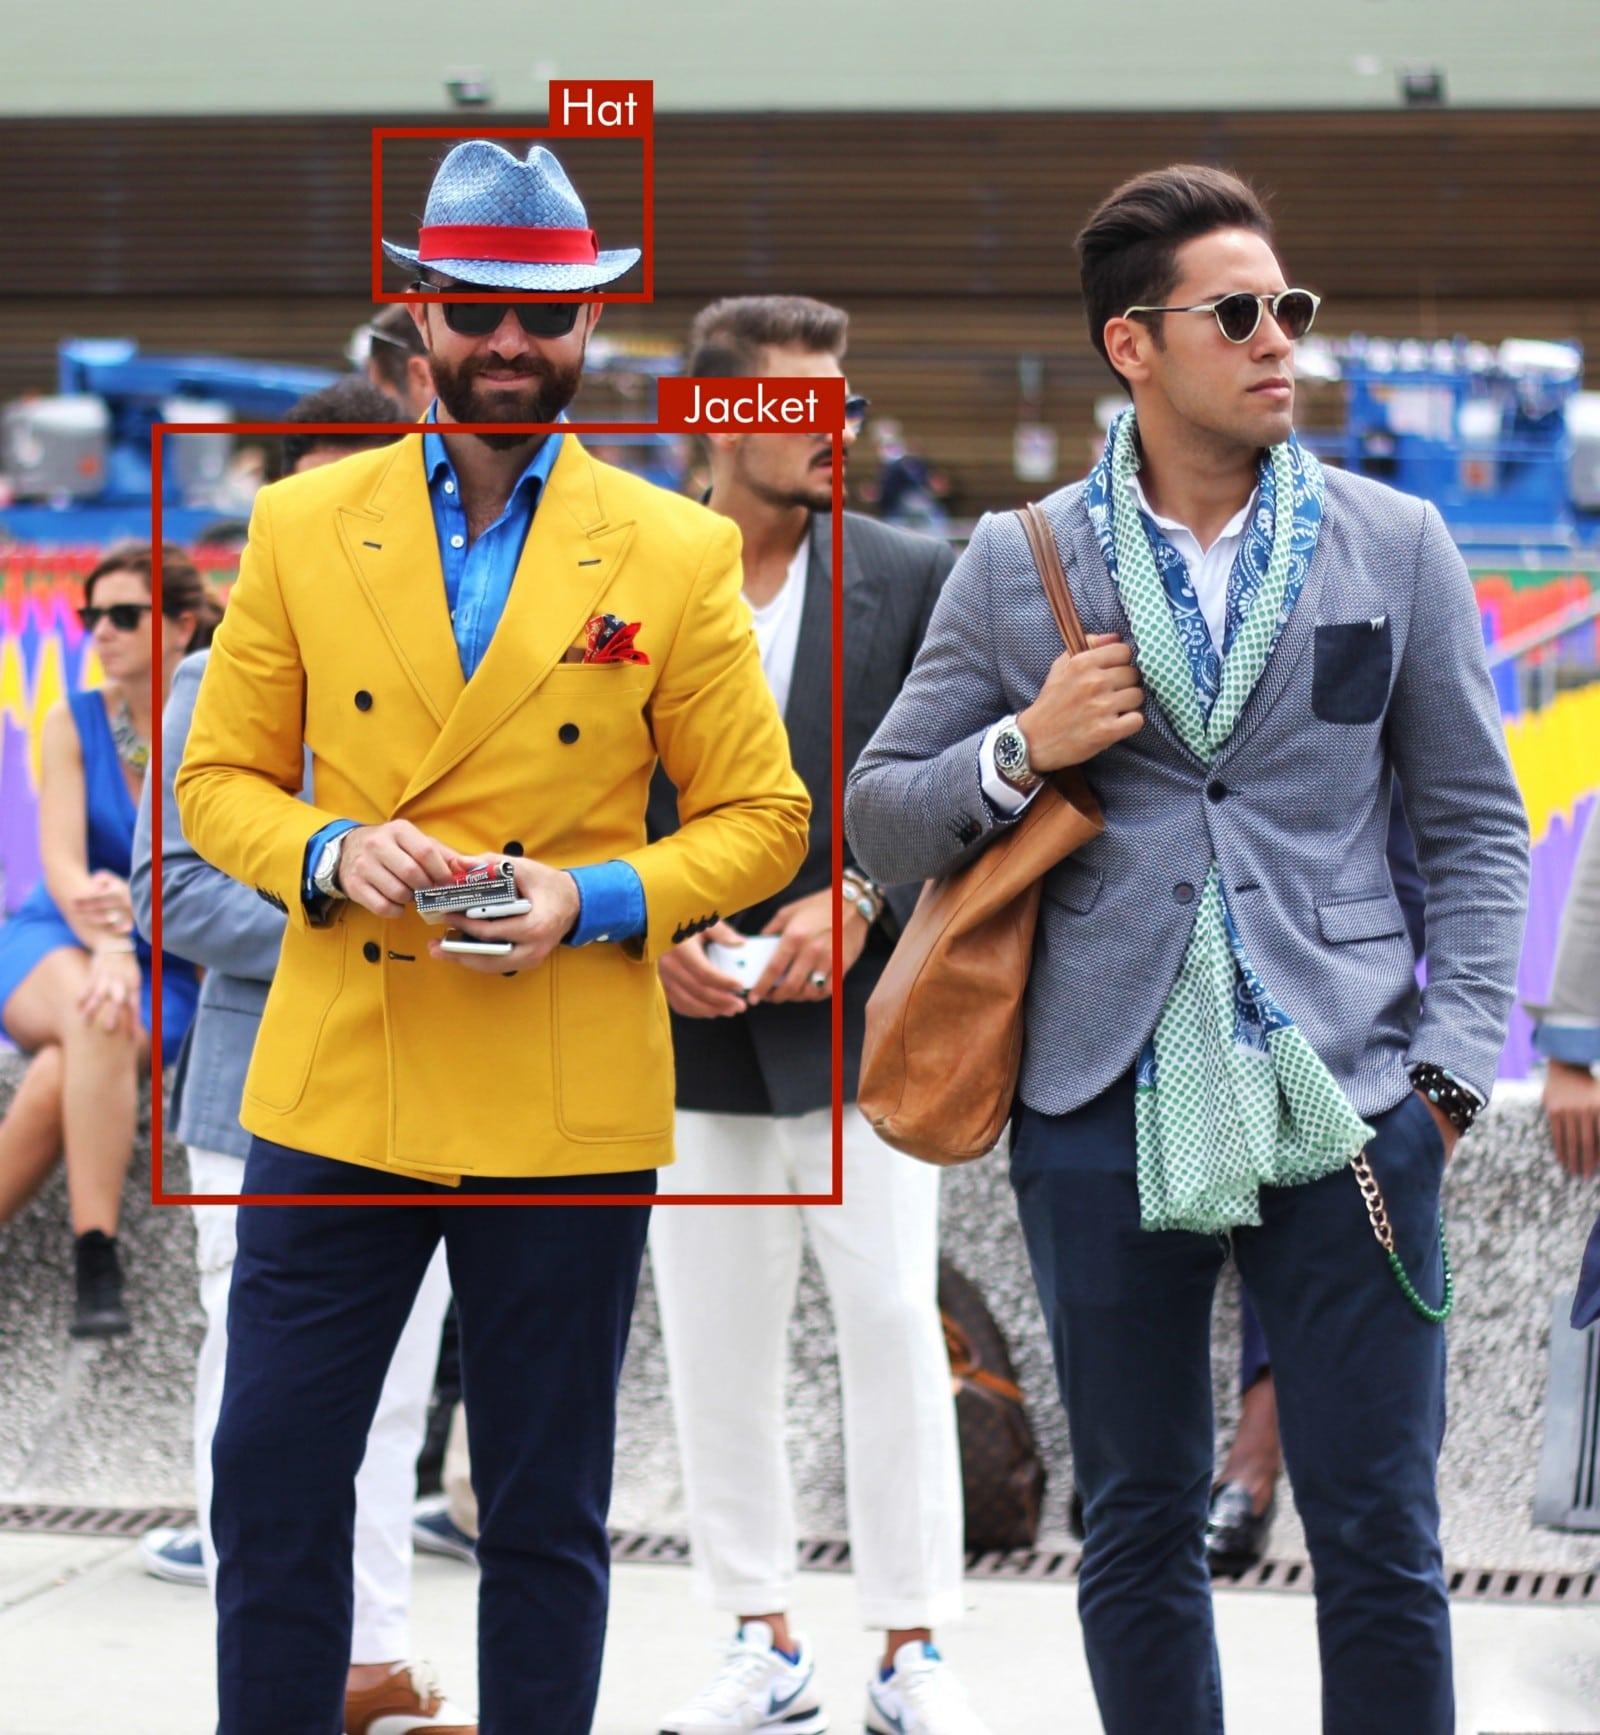 Object detection - men's clothes